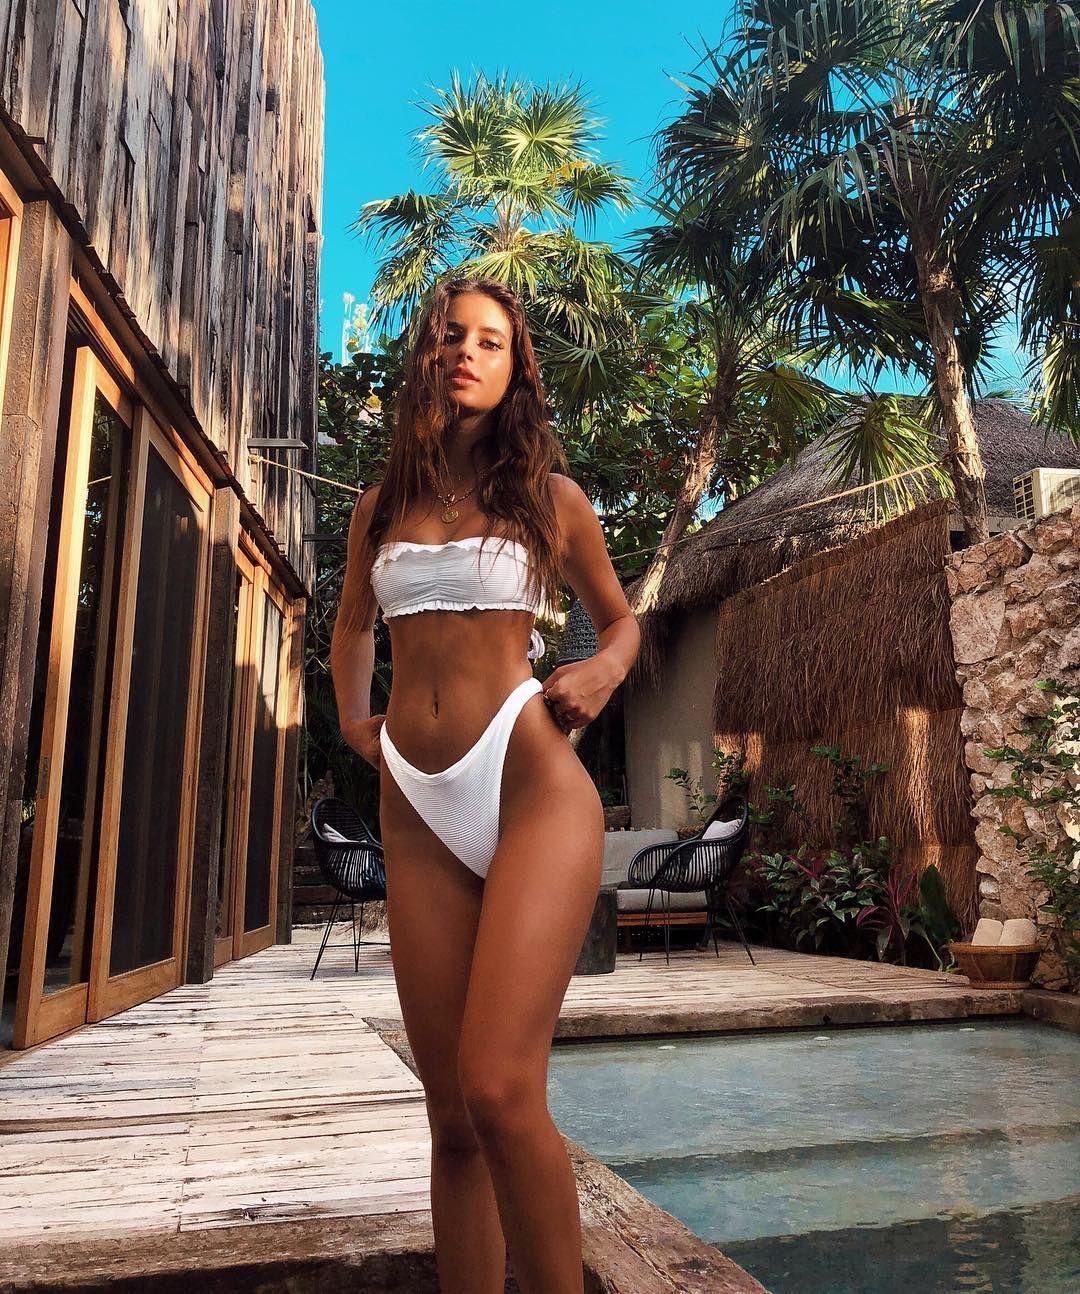 2019 Elisha Herbert nudes (57 photos), Ass, Fappening, Boobs, butt 2020